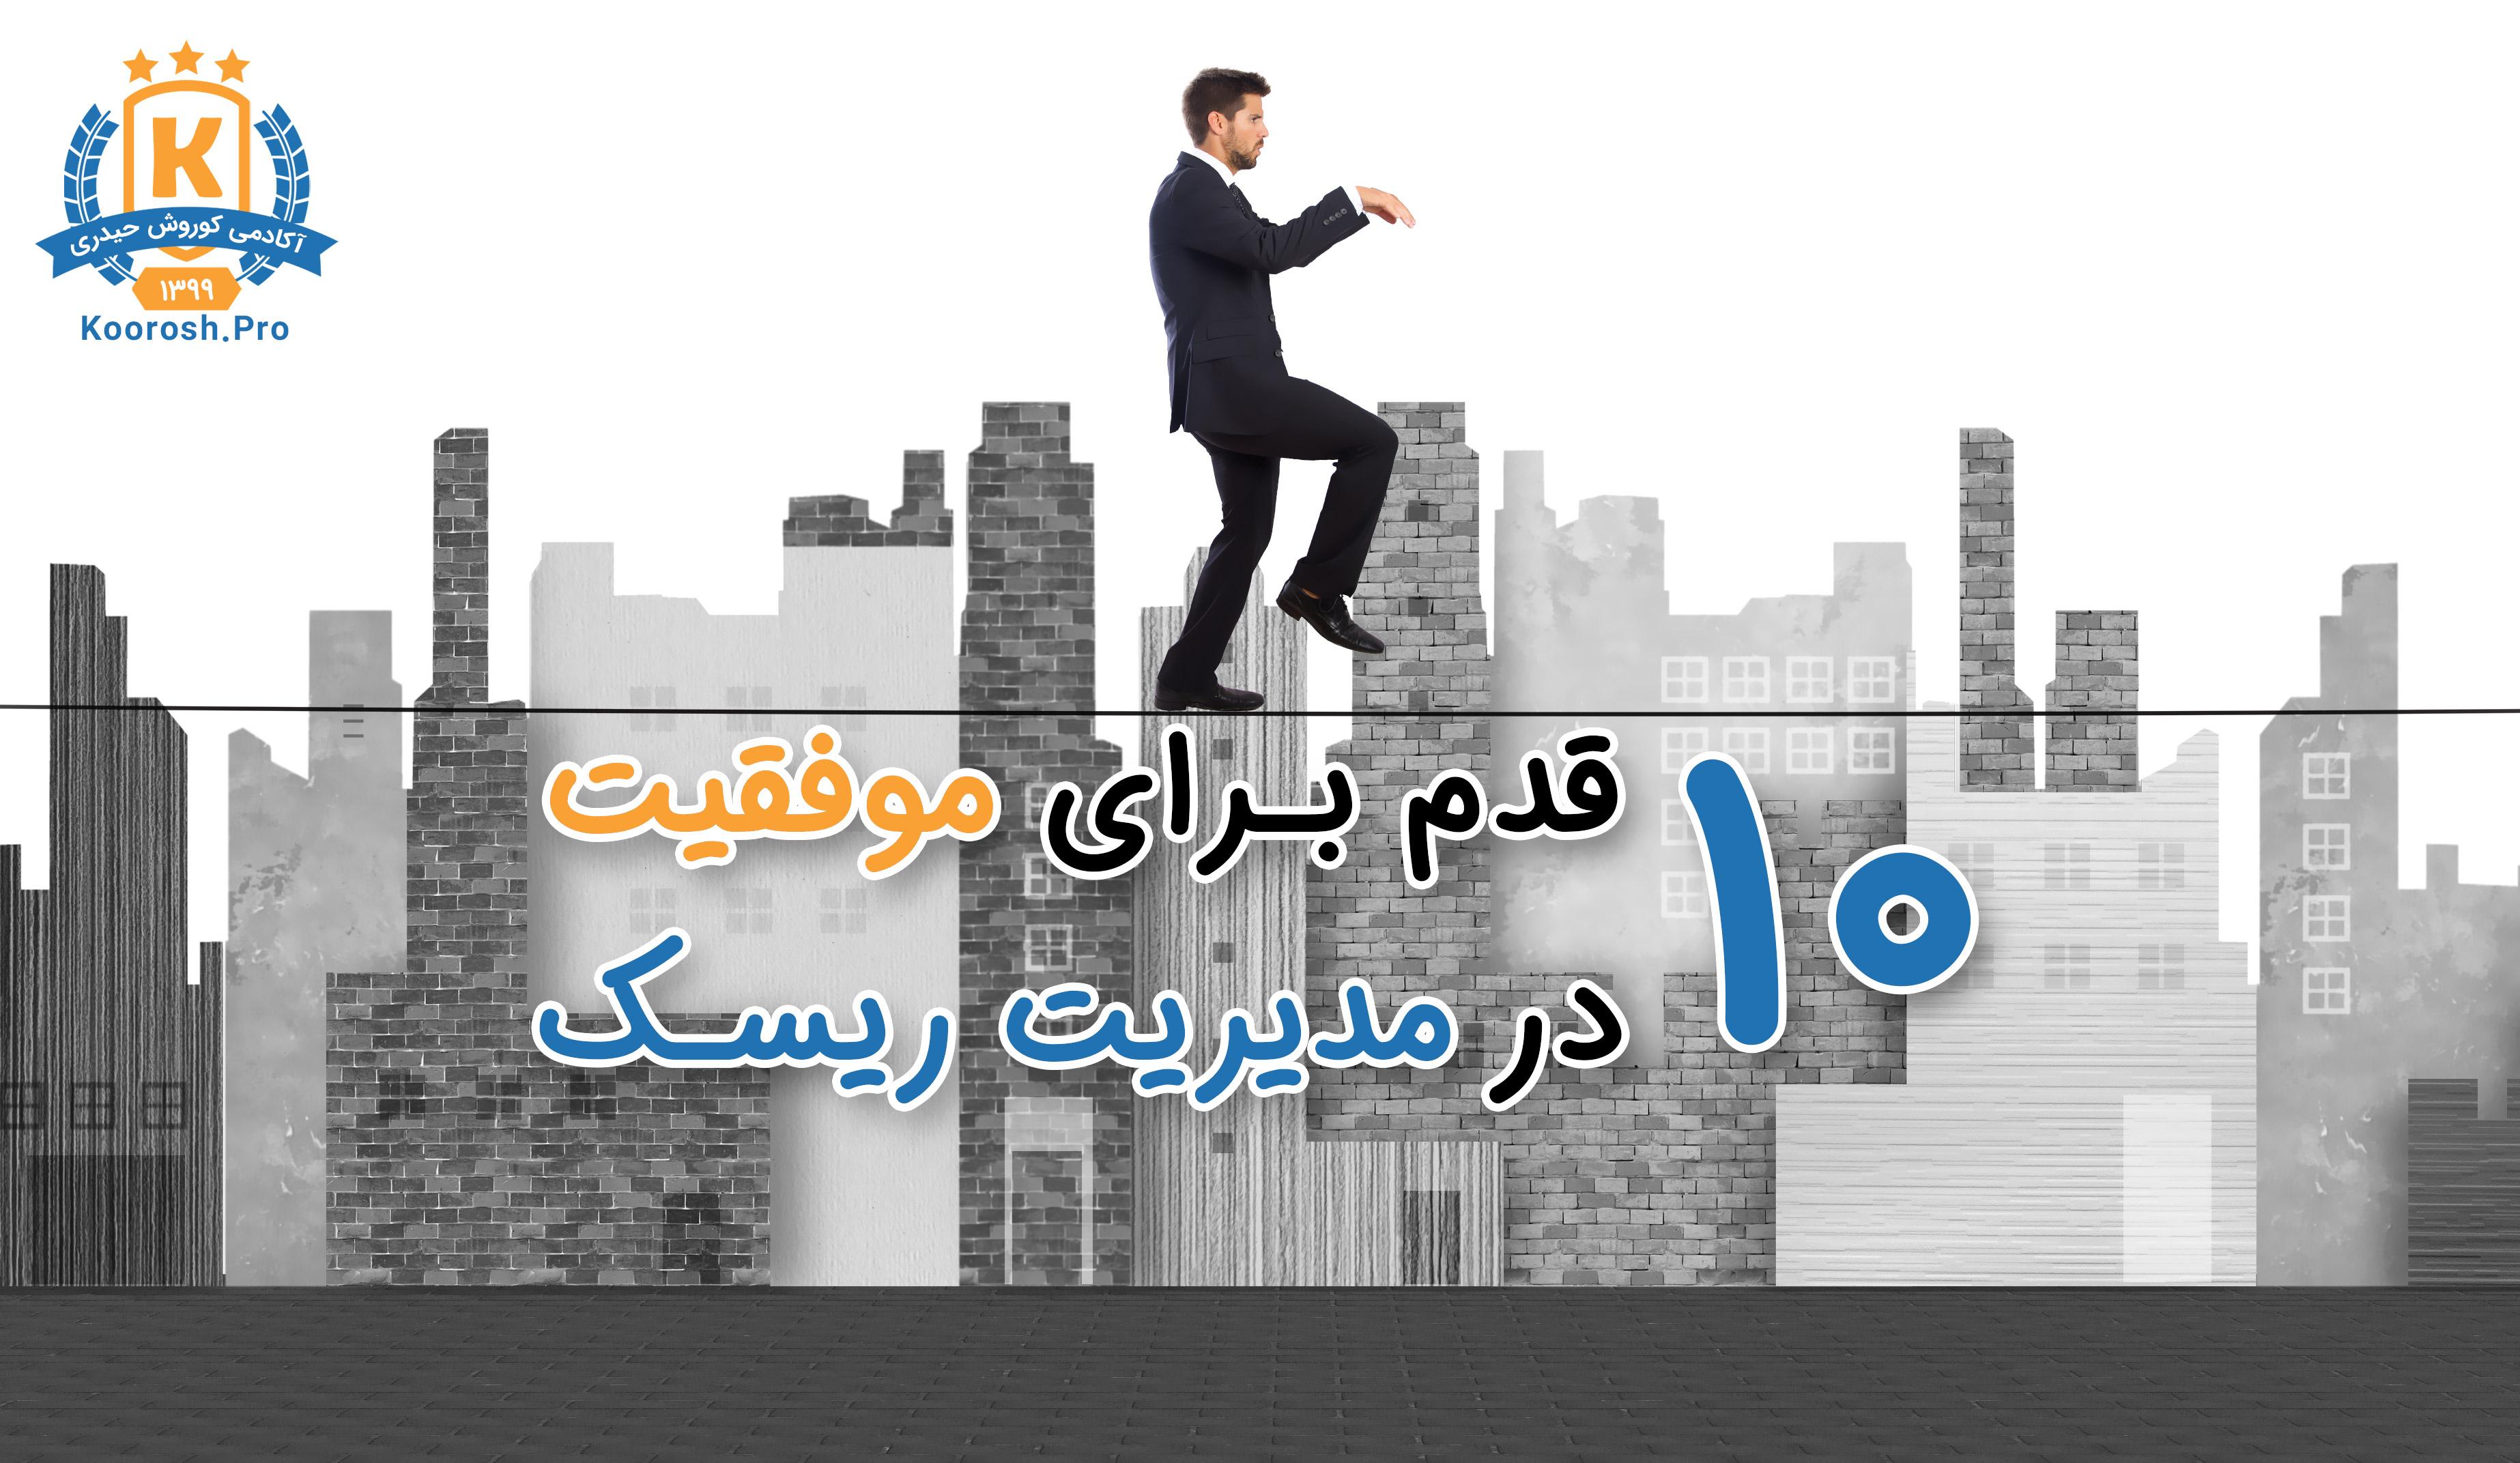 بهینه سازی مدیریت ریسک در کسب و کار اینترنتی